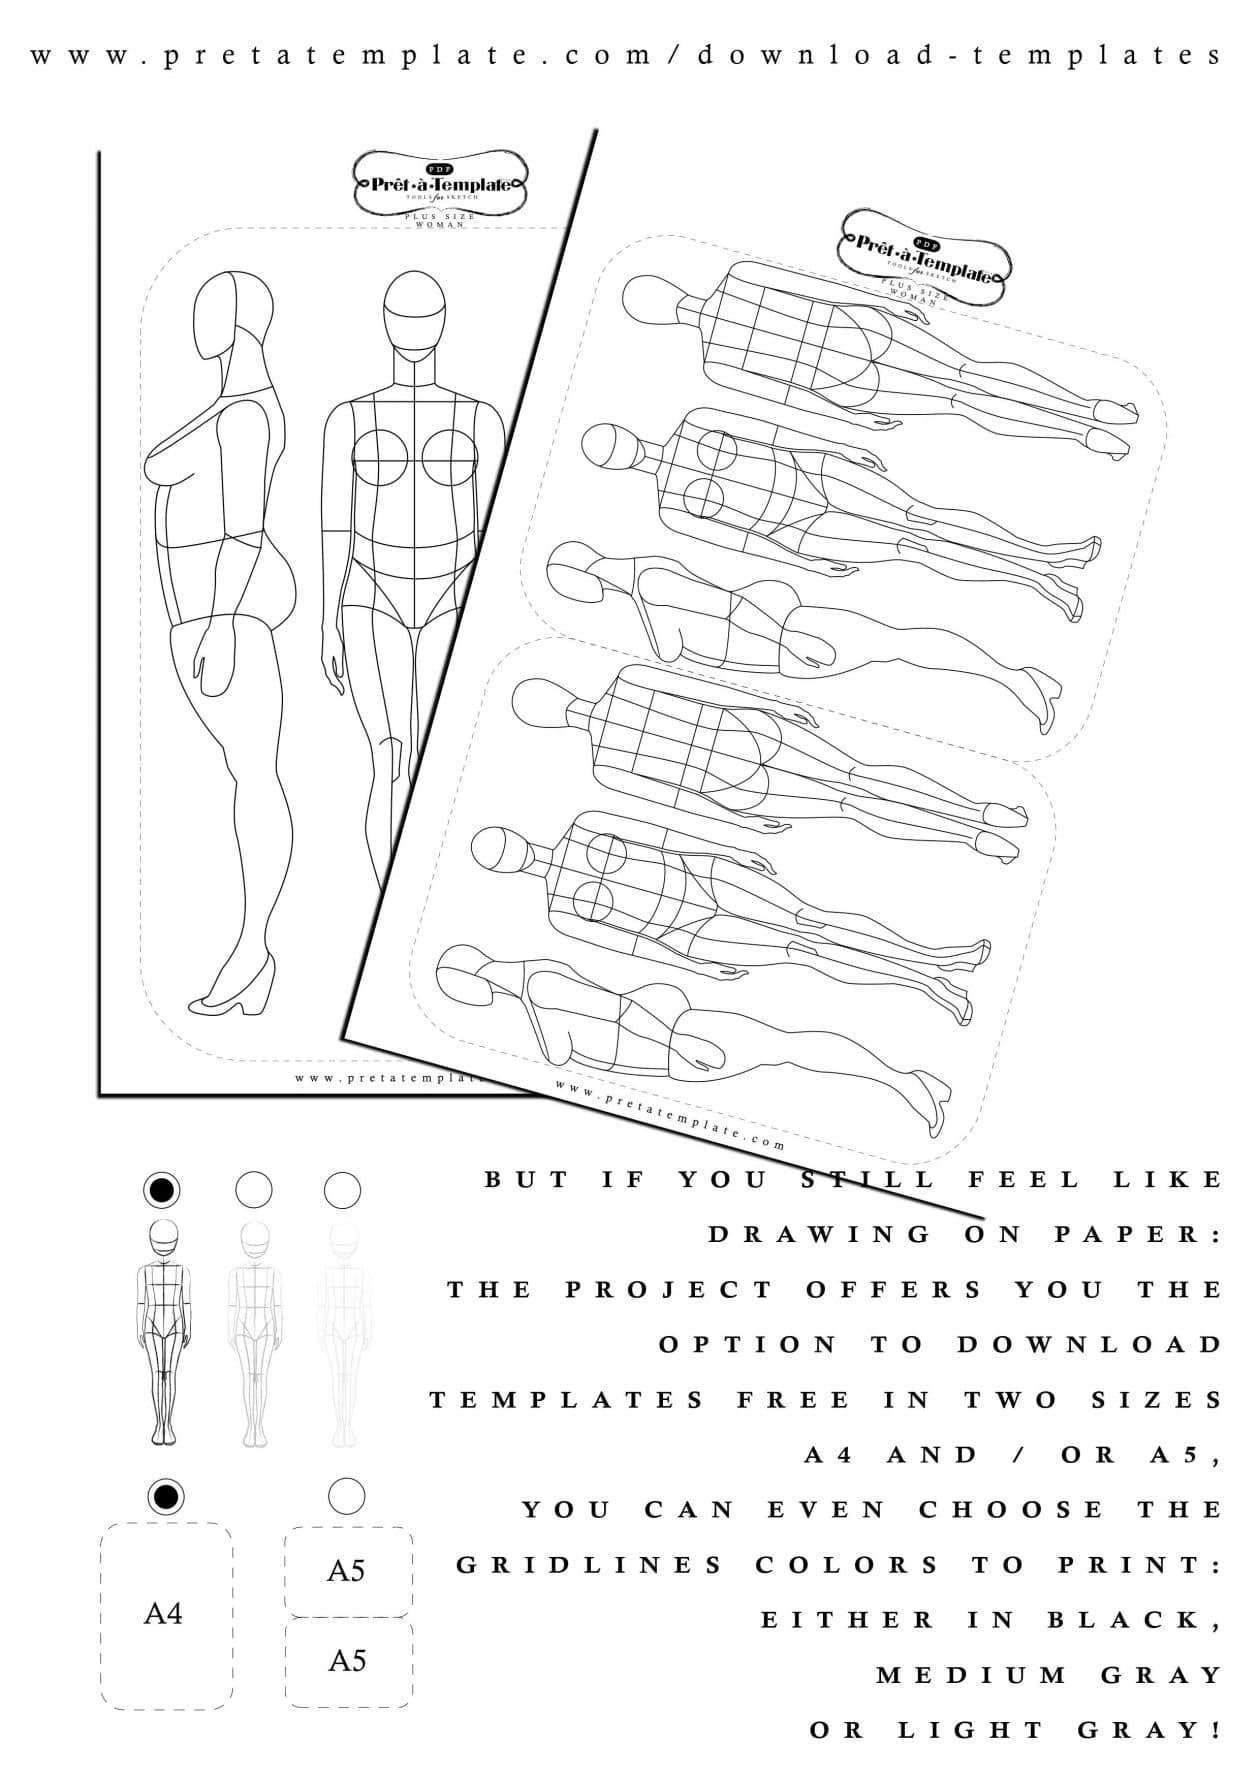 Cool News! Prêt-à-Template Your Plus Size Fashion Sketch